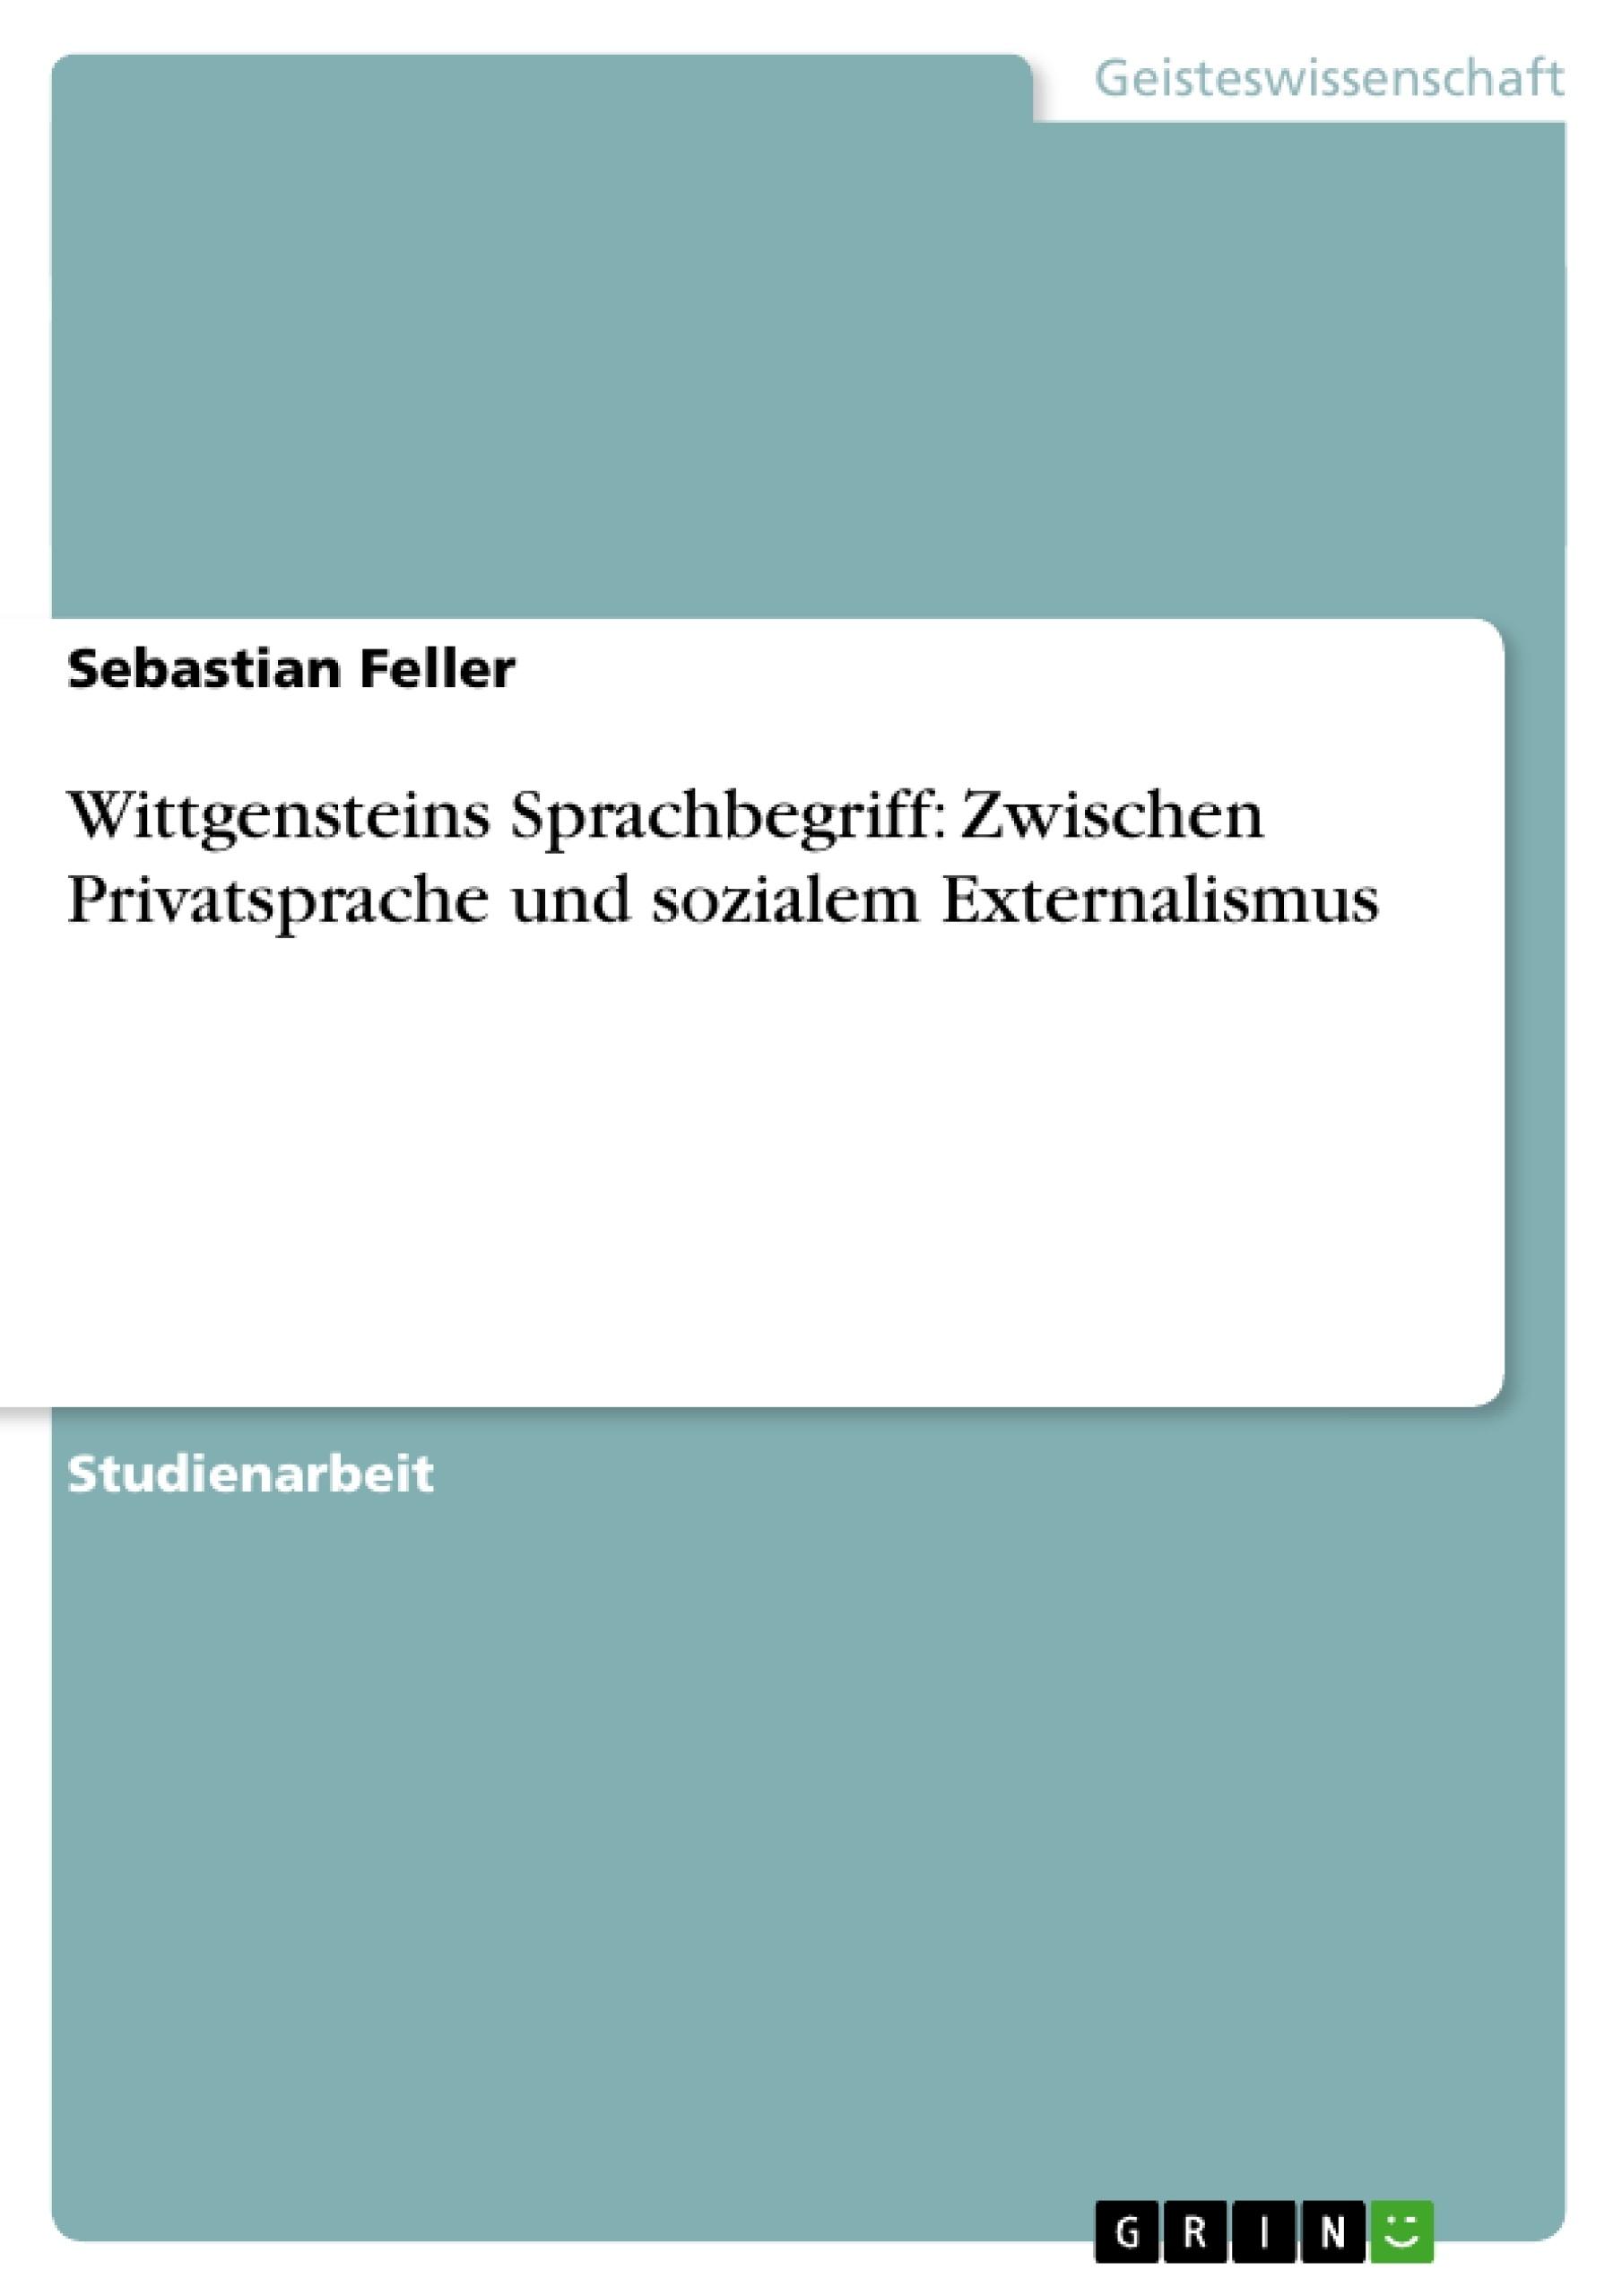 Titel: Wittgensteins Sprachbegriff: Zwischen Privatsprache und sozialem Externalismus